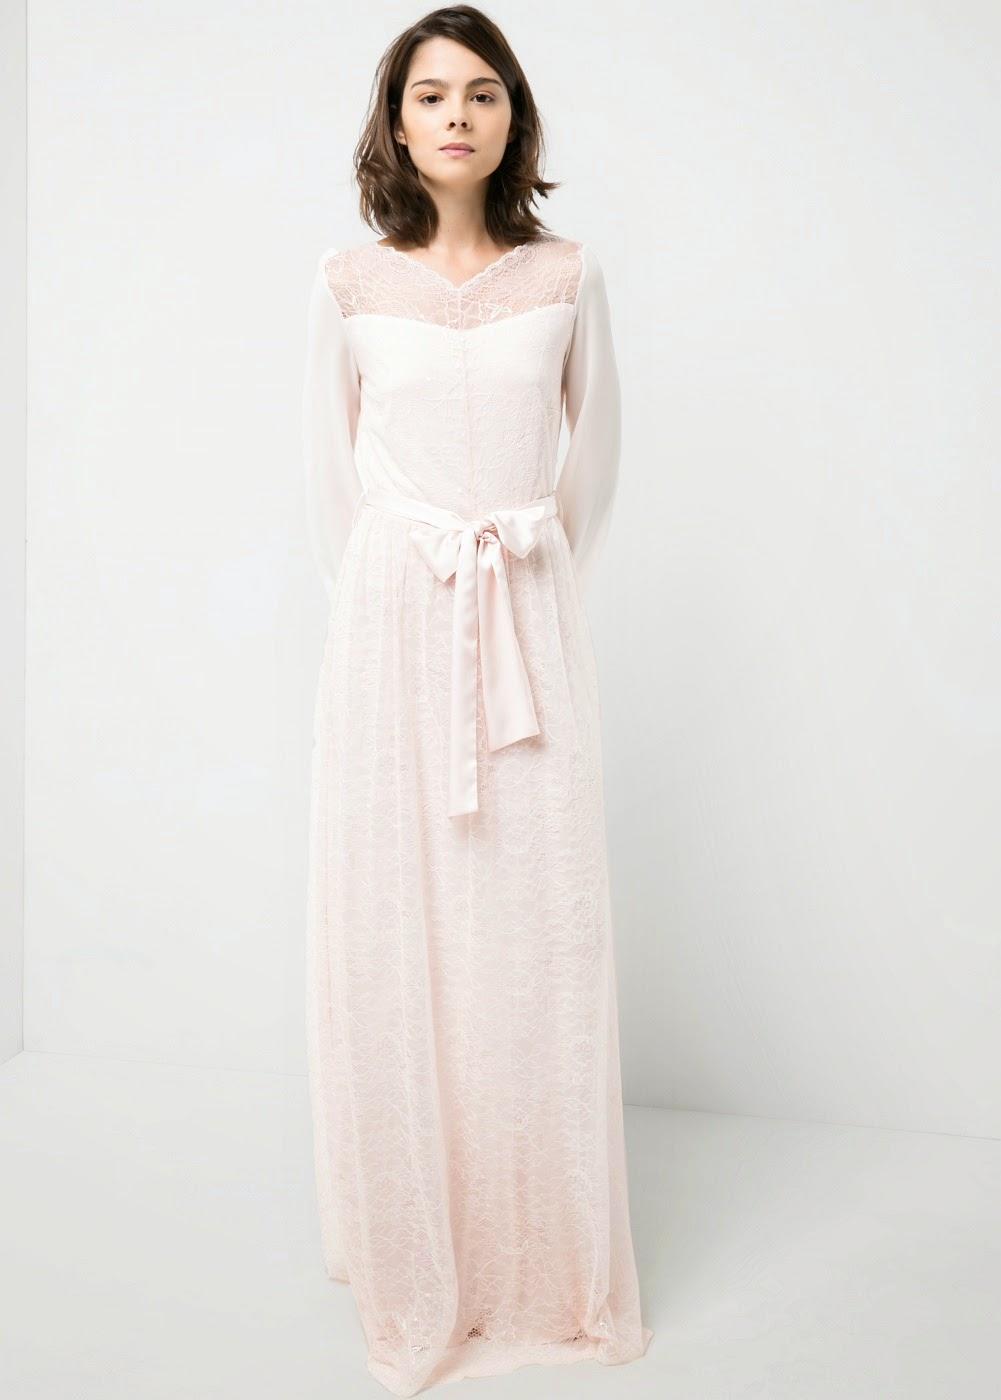 diez vestidos de novia baratos de Mango blog bodas Mi boda gratis